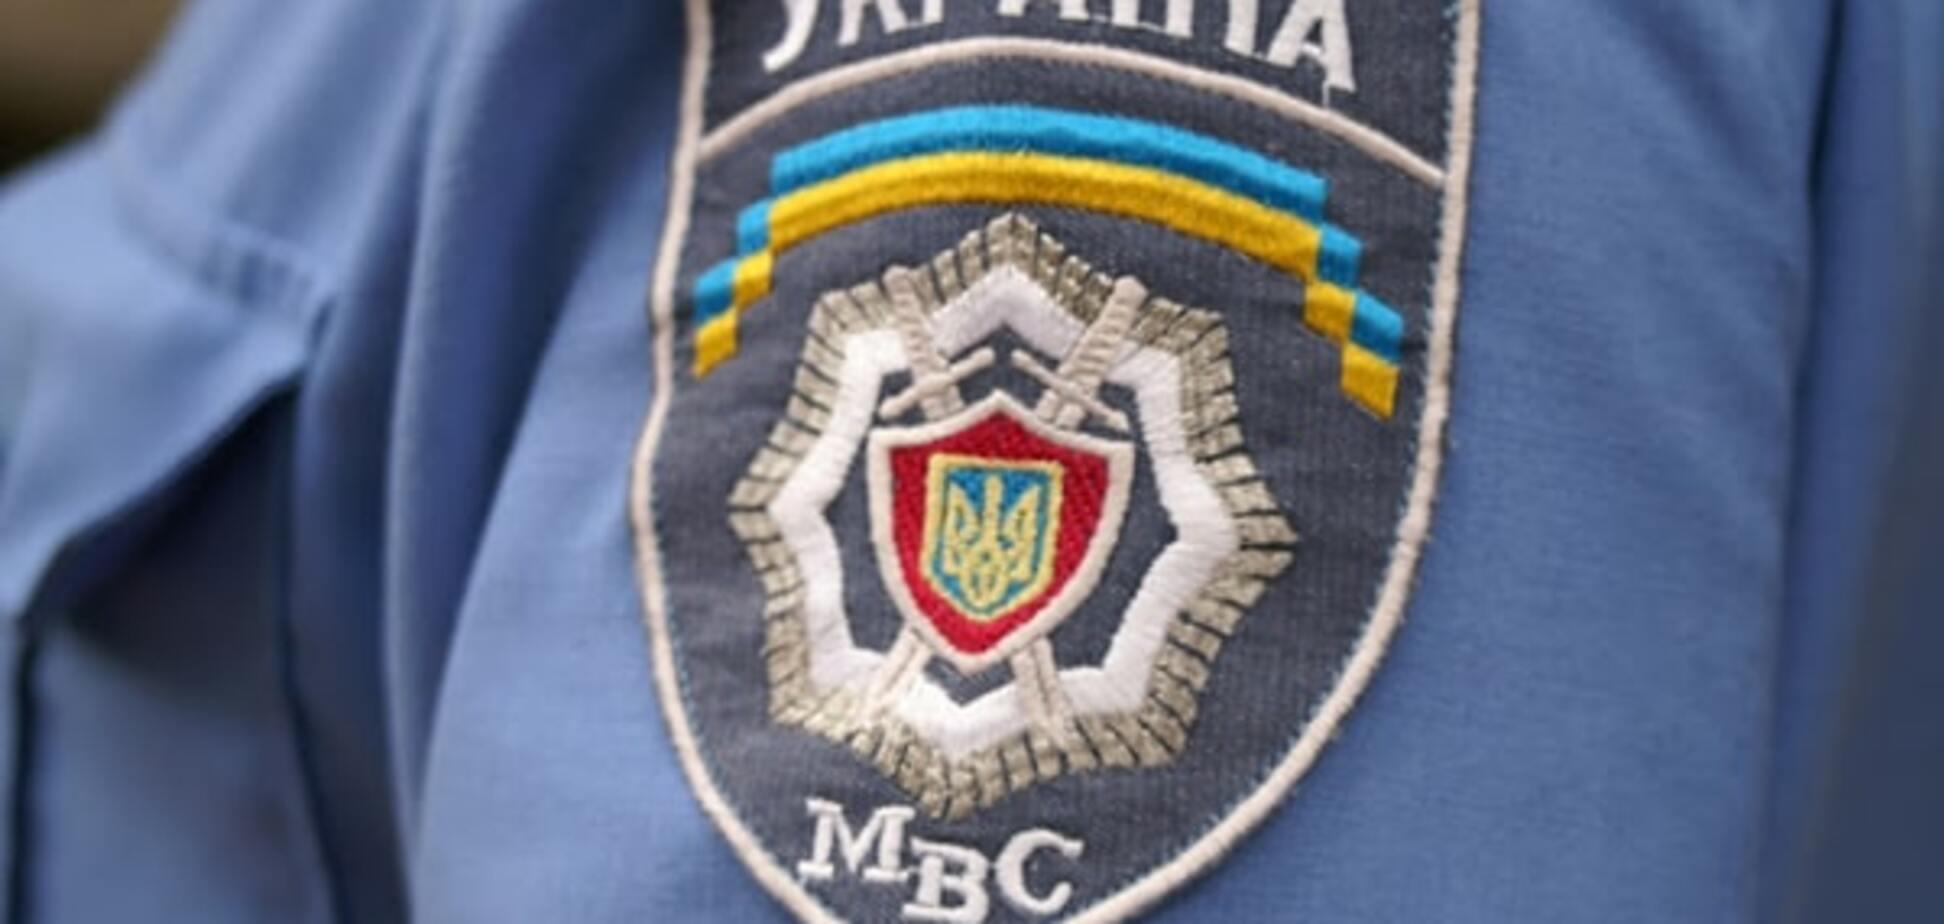 Журналіст звинуватив луганську міліцію у 'кришуванні' терористів